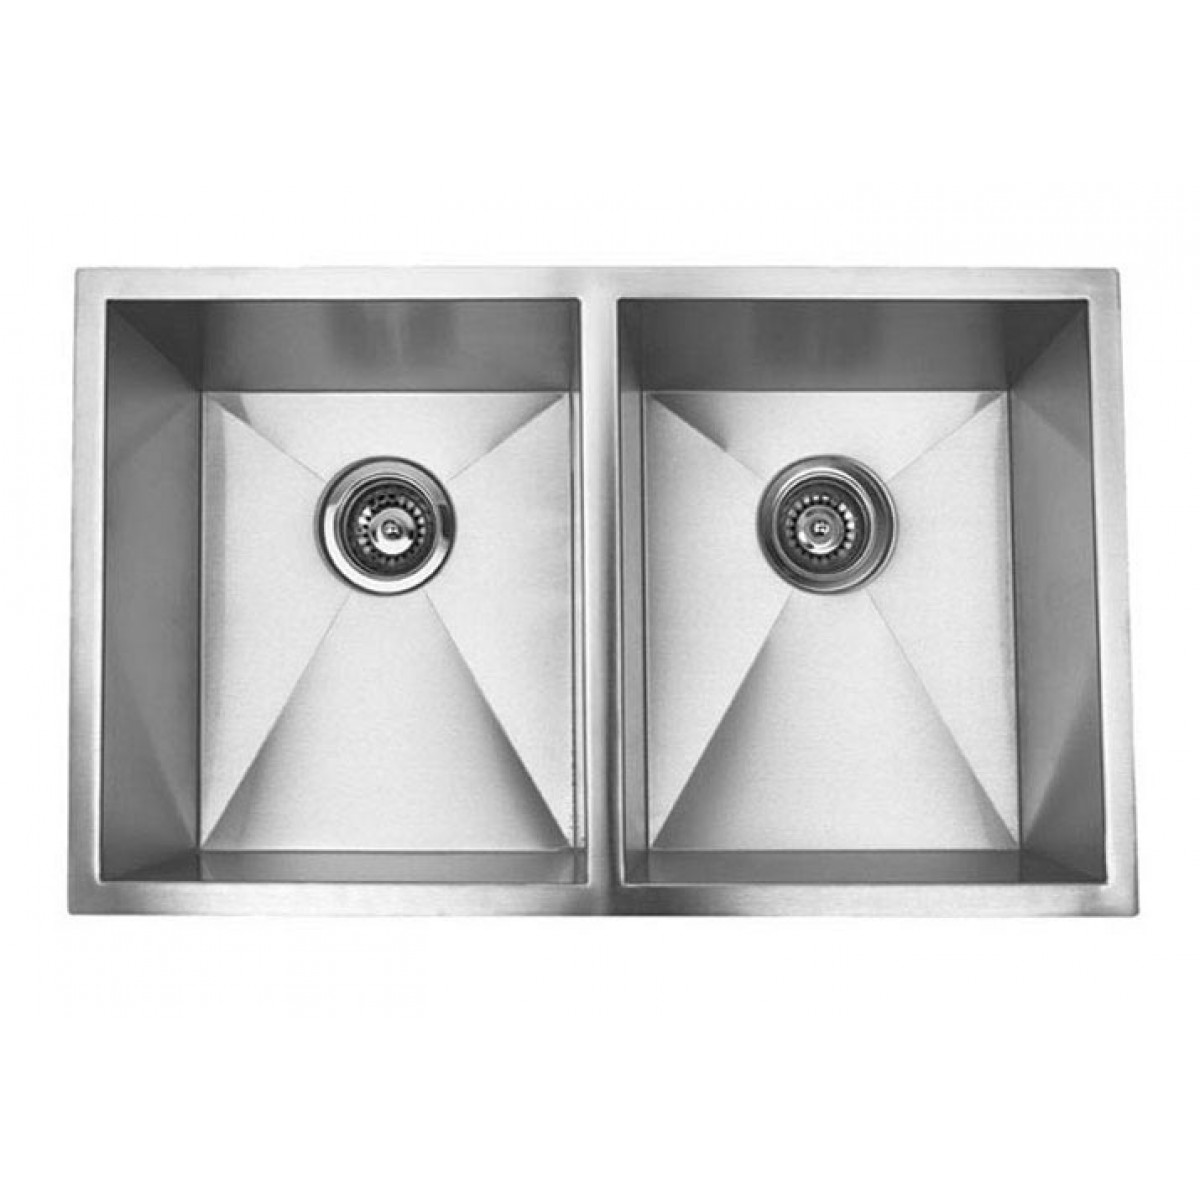 32 Inch Stainless Steel Undermount 50/50 Double Bowl Kitchen Sink Zero  Radius Design